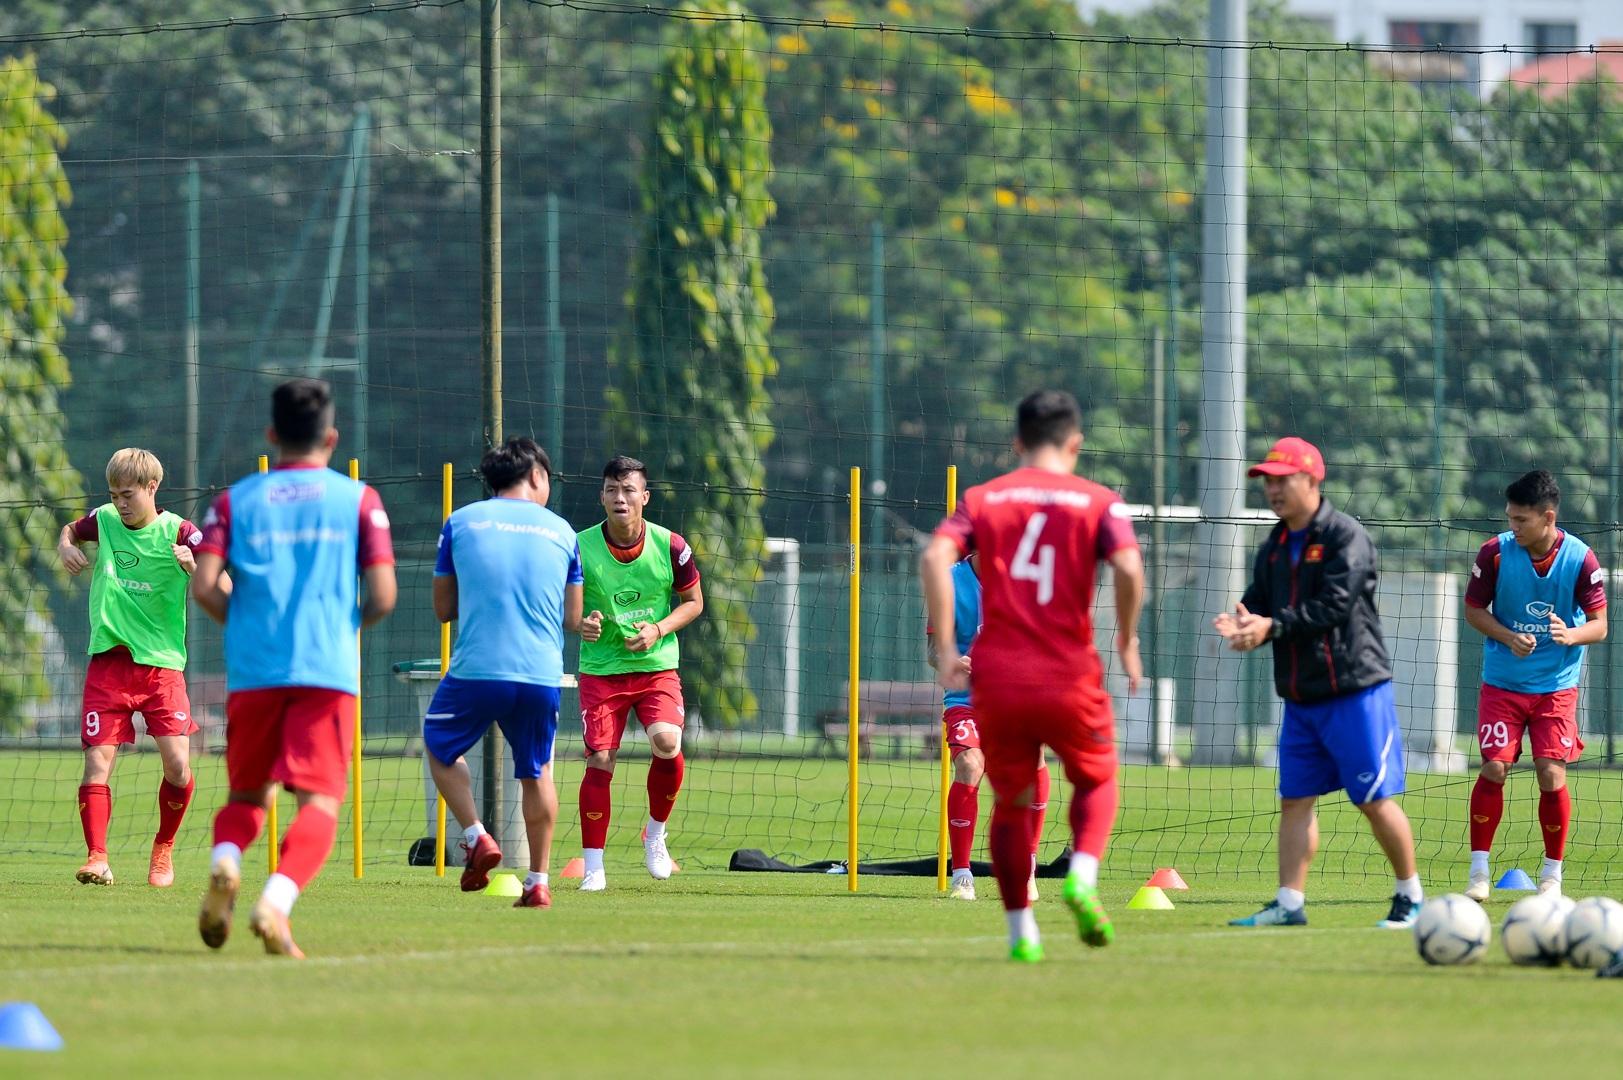 HLV Park Hang Seo xem giò tiền đạo Hà Minh Tuấn - 9